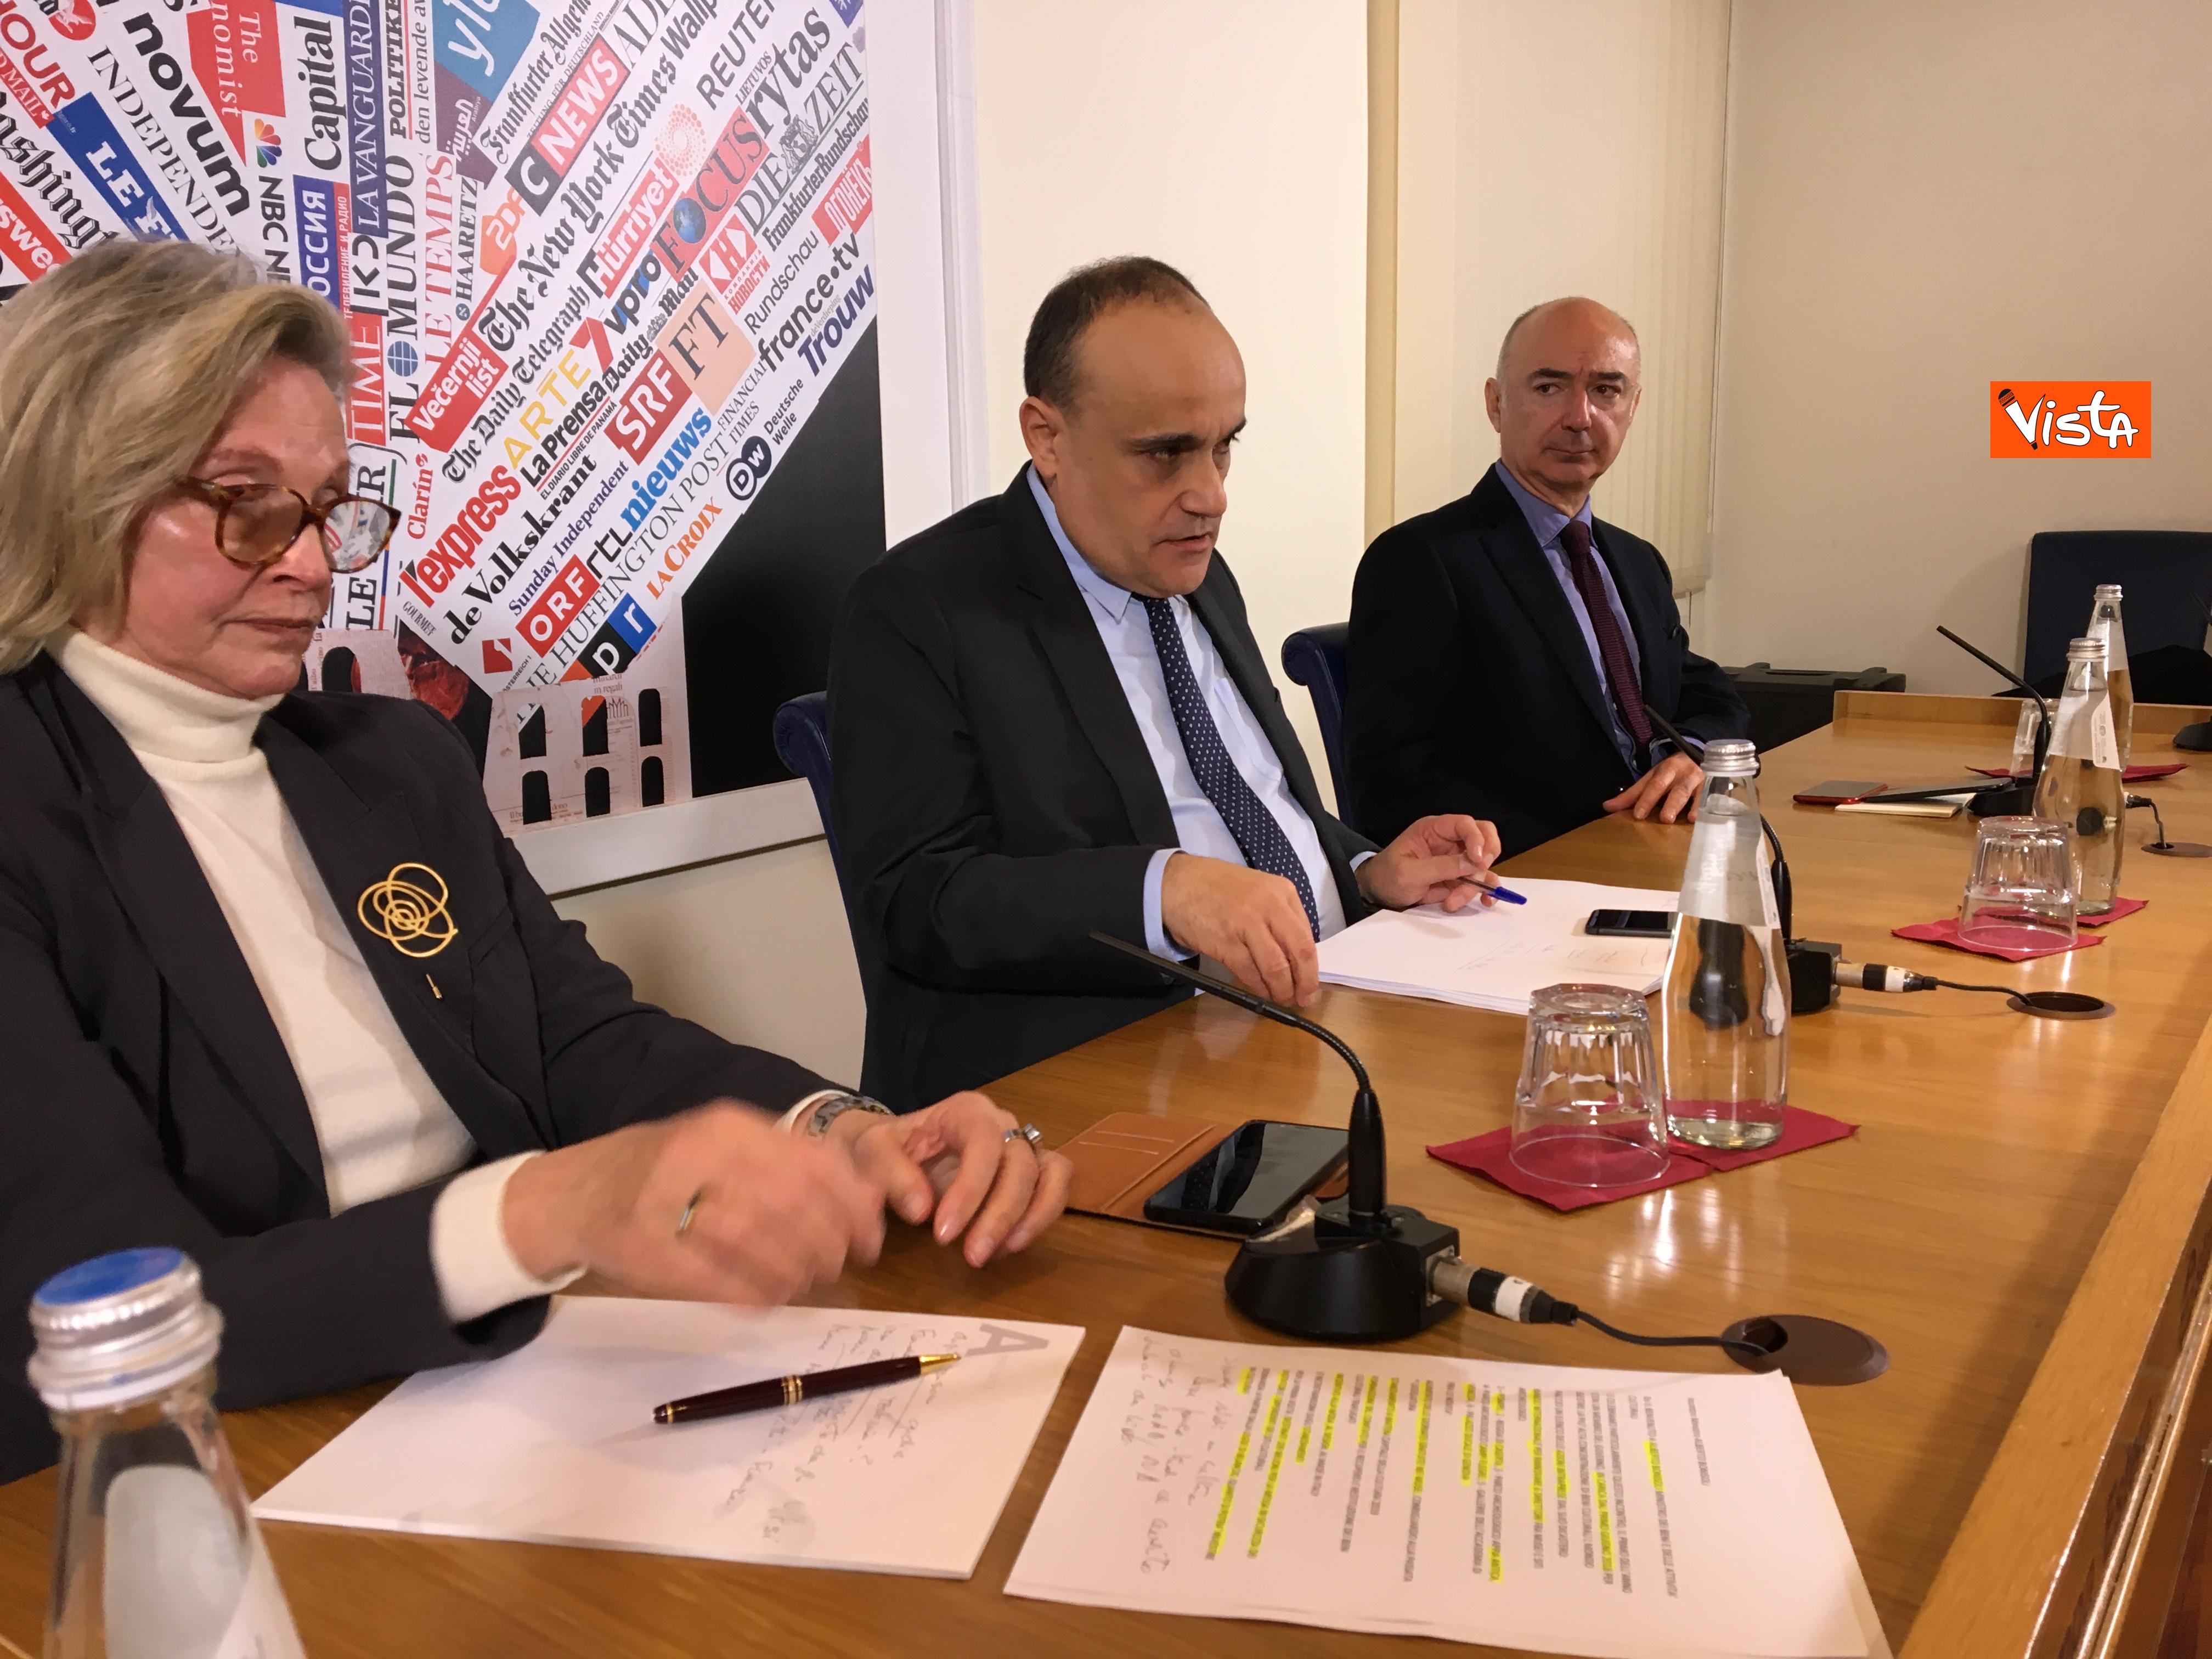 10-01-19 Bonisoli in conferenza stampa alla sede romana della stampa estera immagini_03